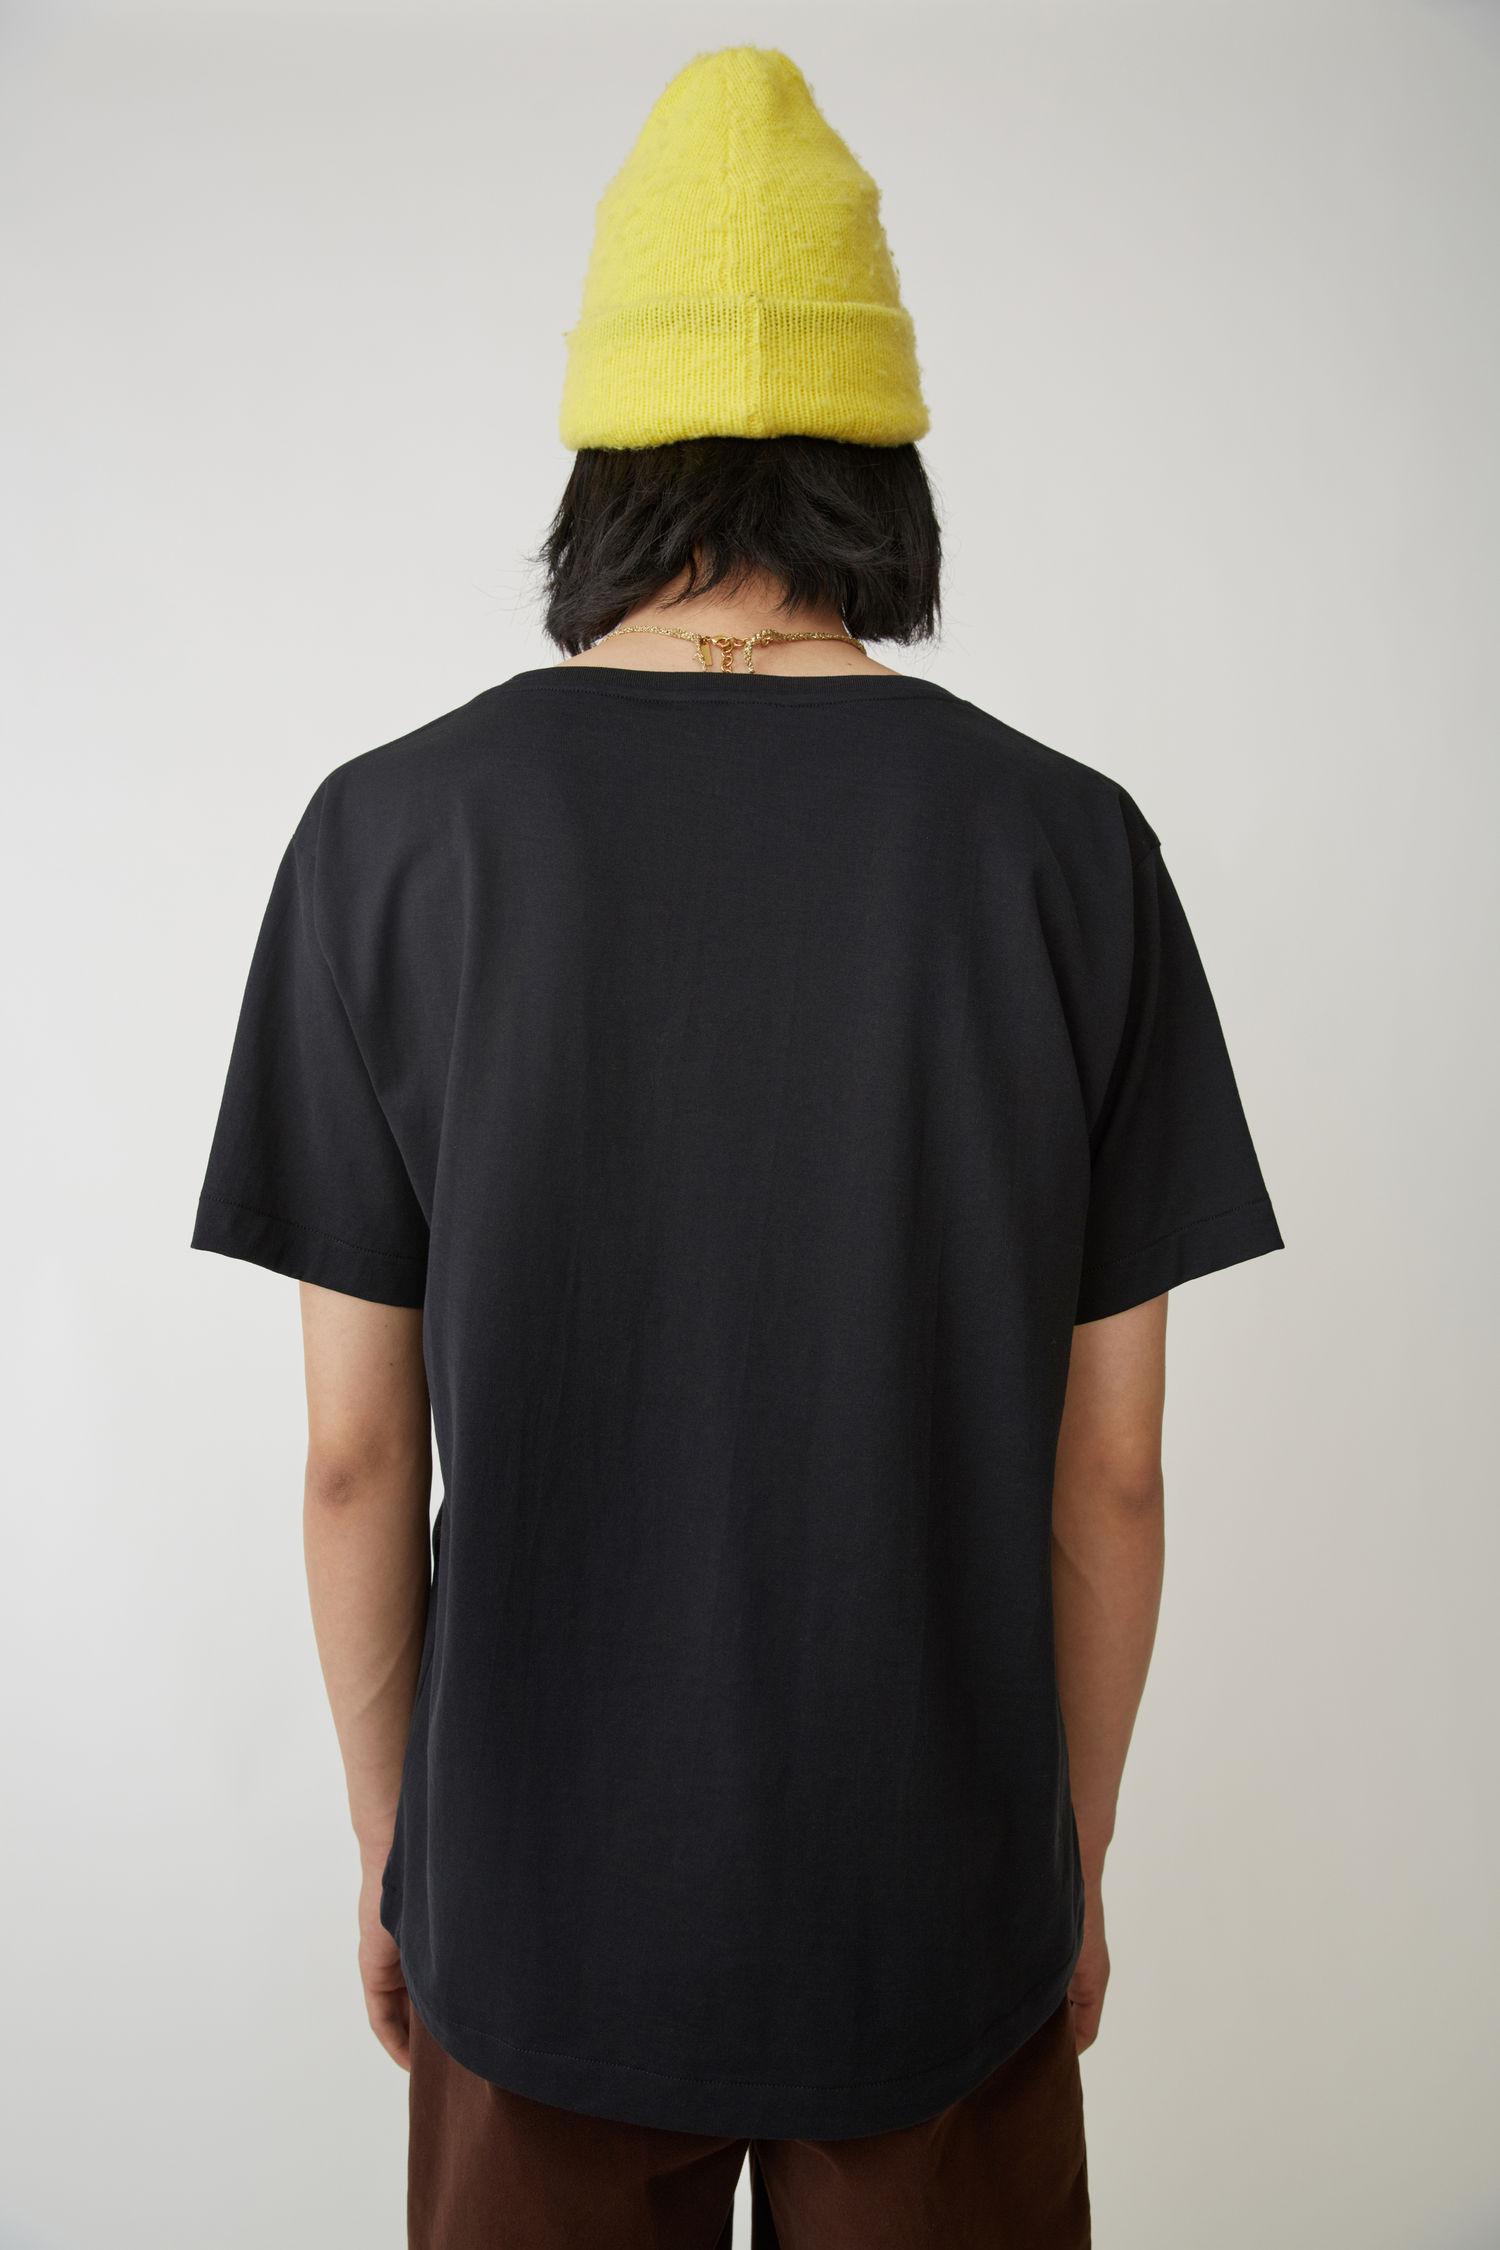 Acne Studios Cotton Scoop Neck T-shirt black for Men